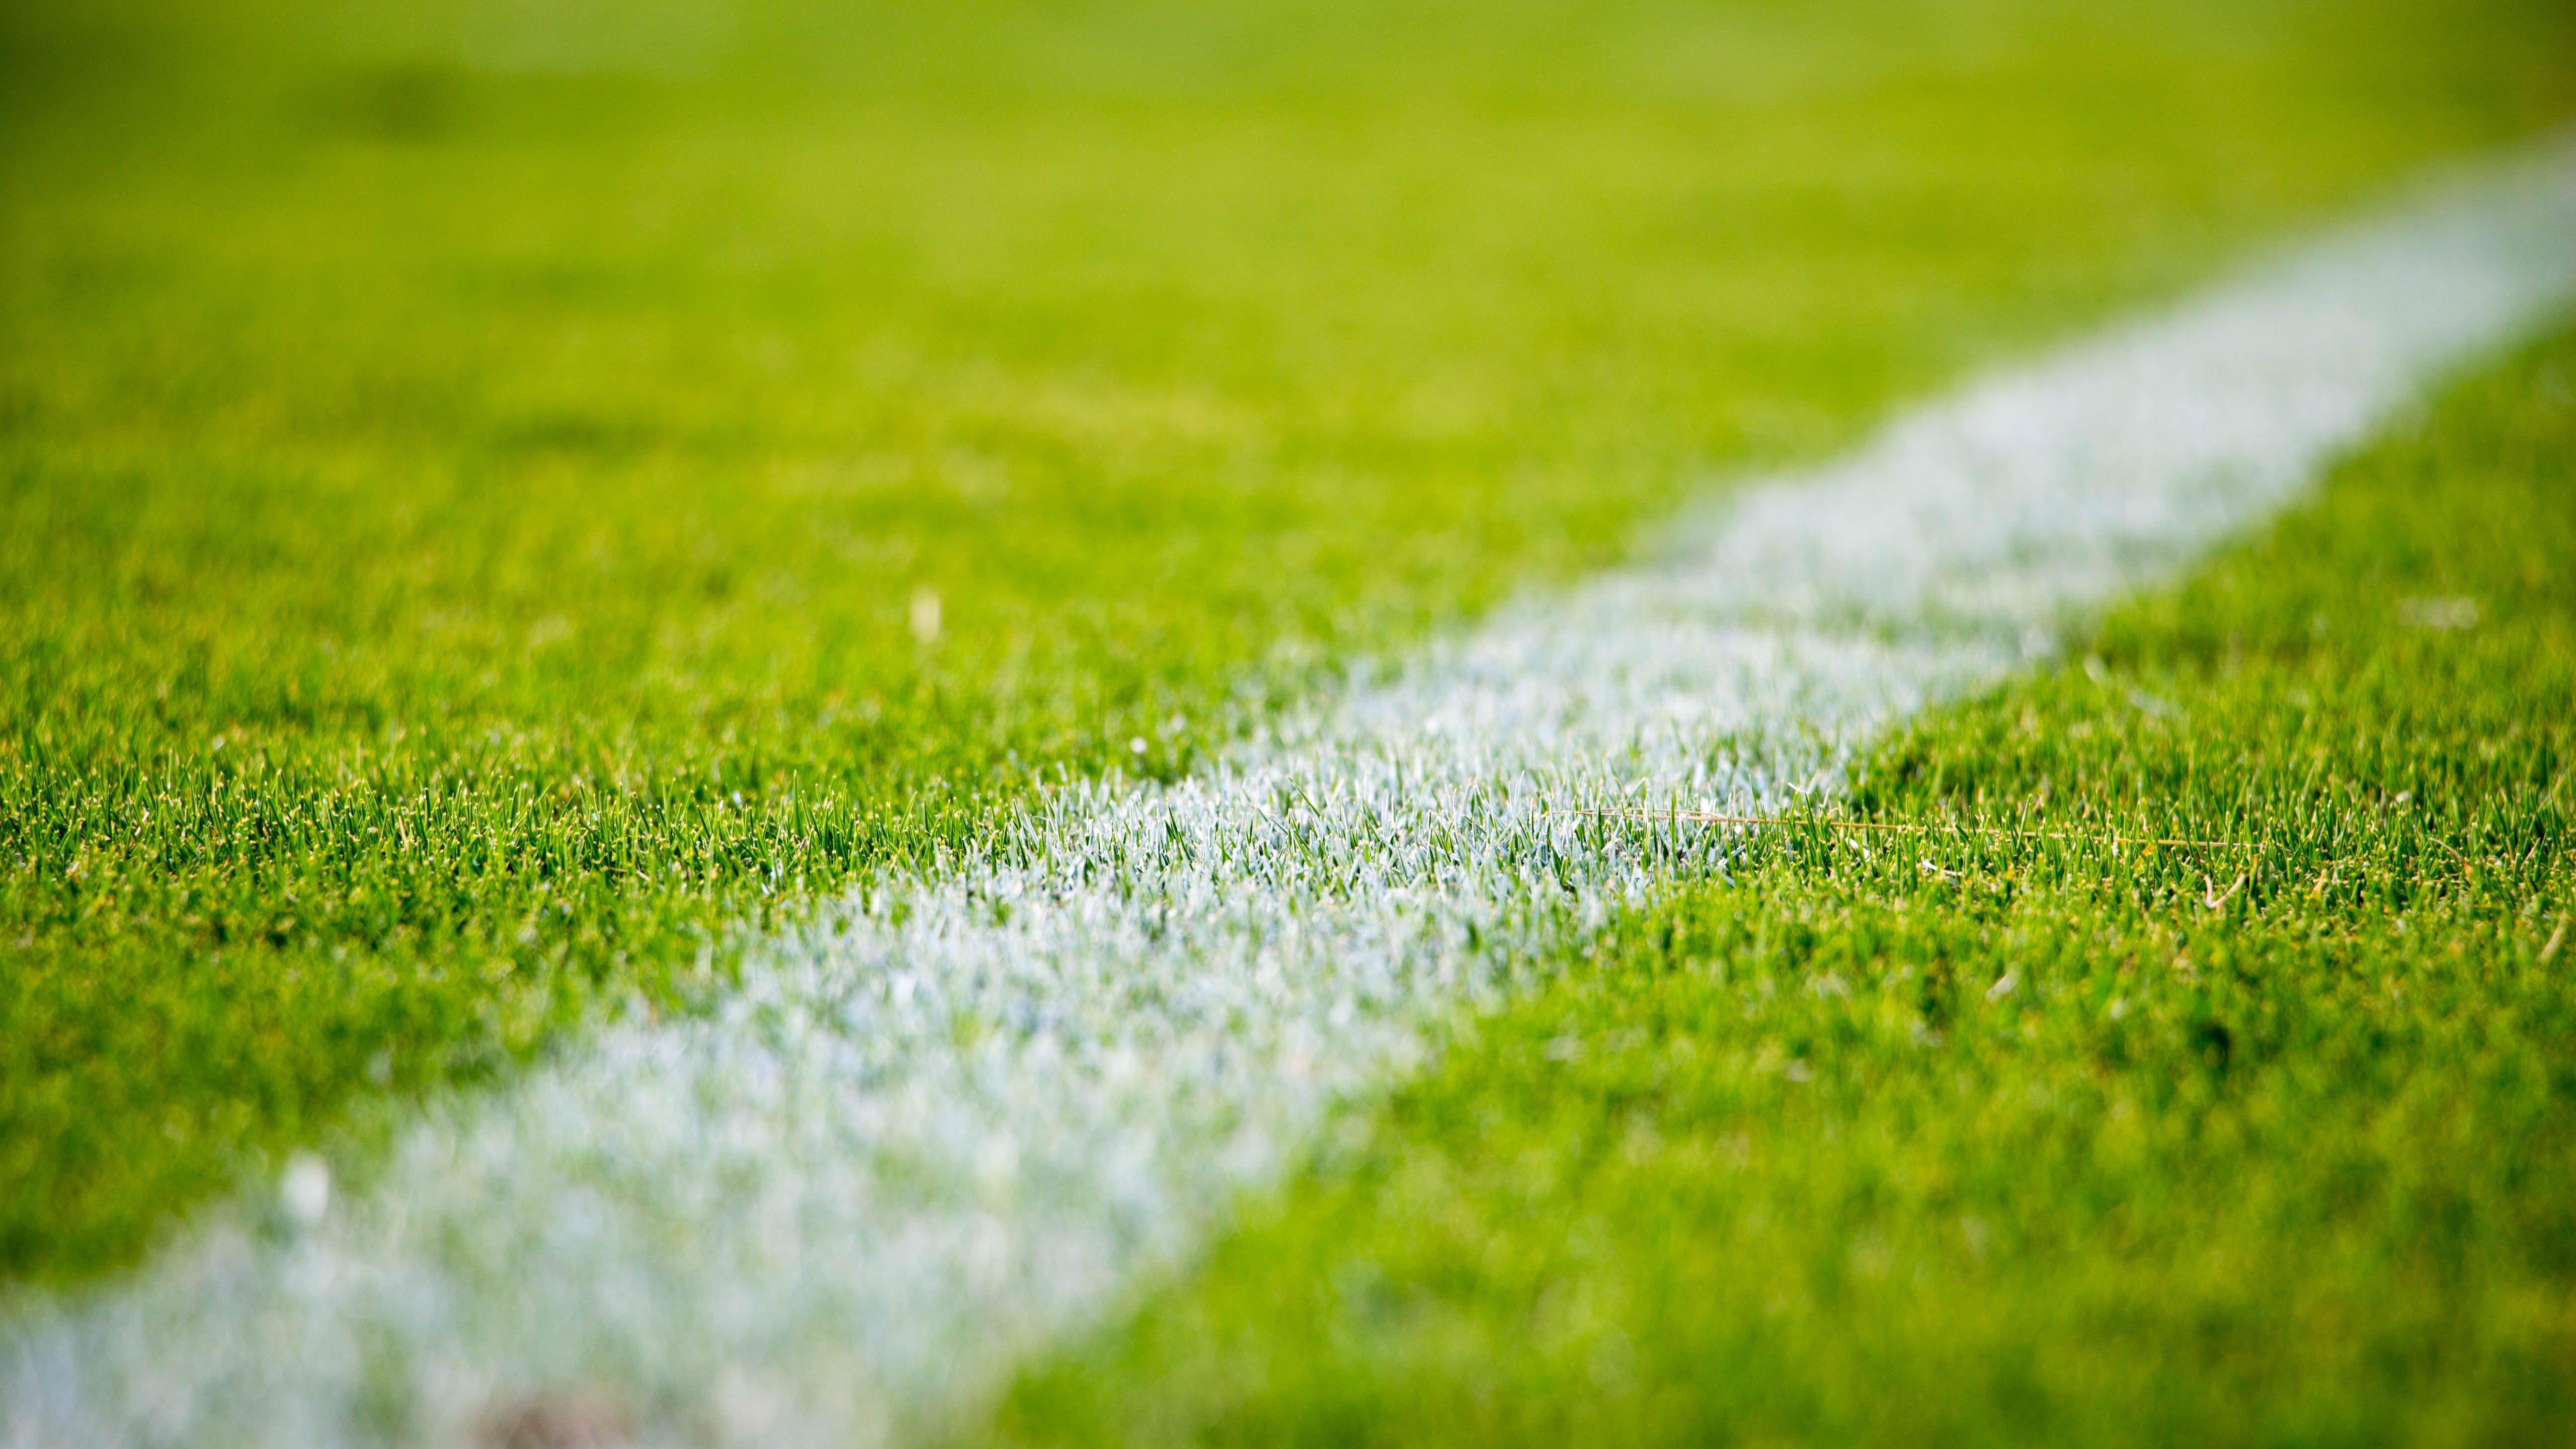 Football : « La Superligue est une atteinte à la concurrence » Gaspard Koenig